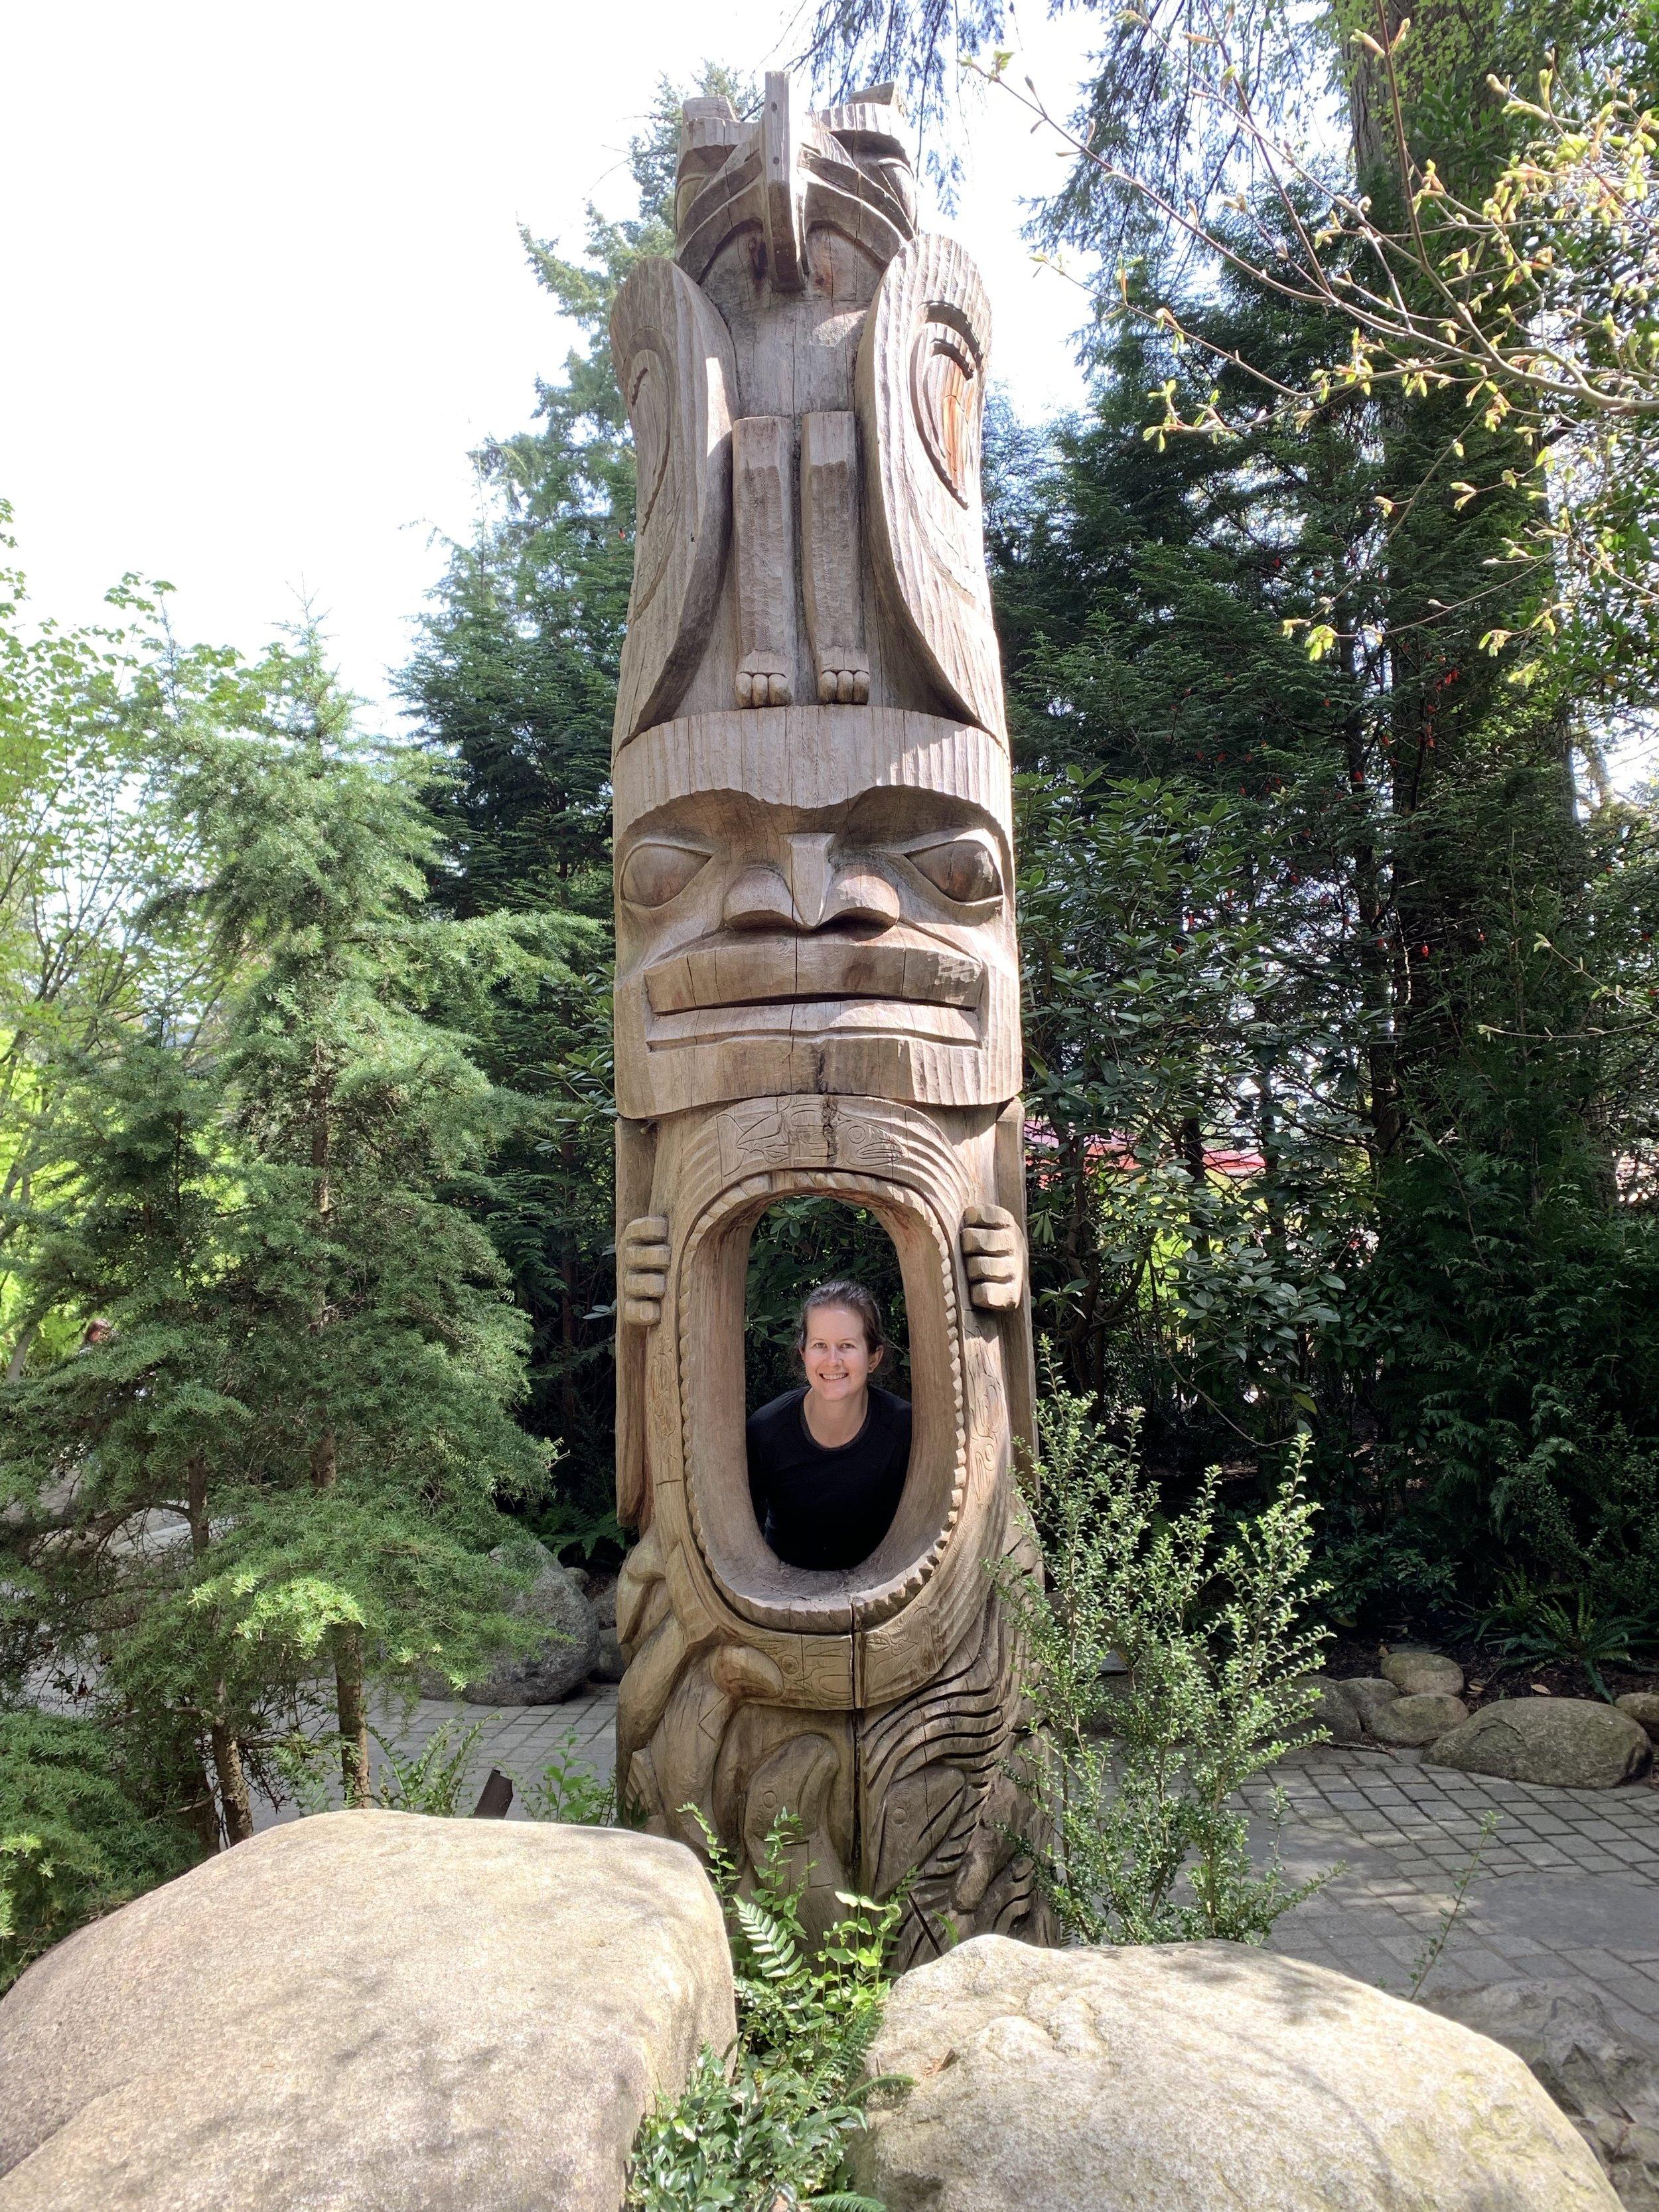 Posing in the totem poles.